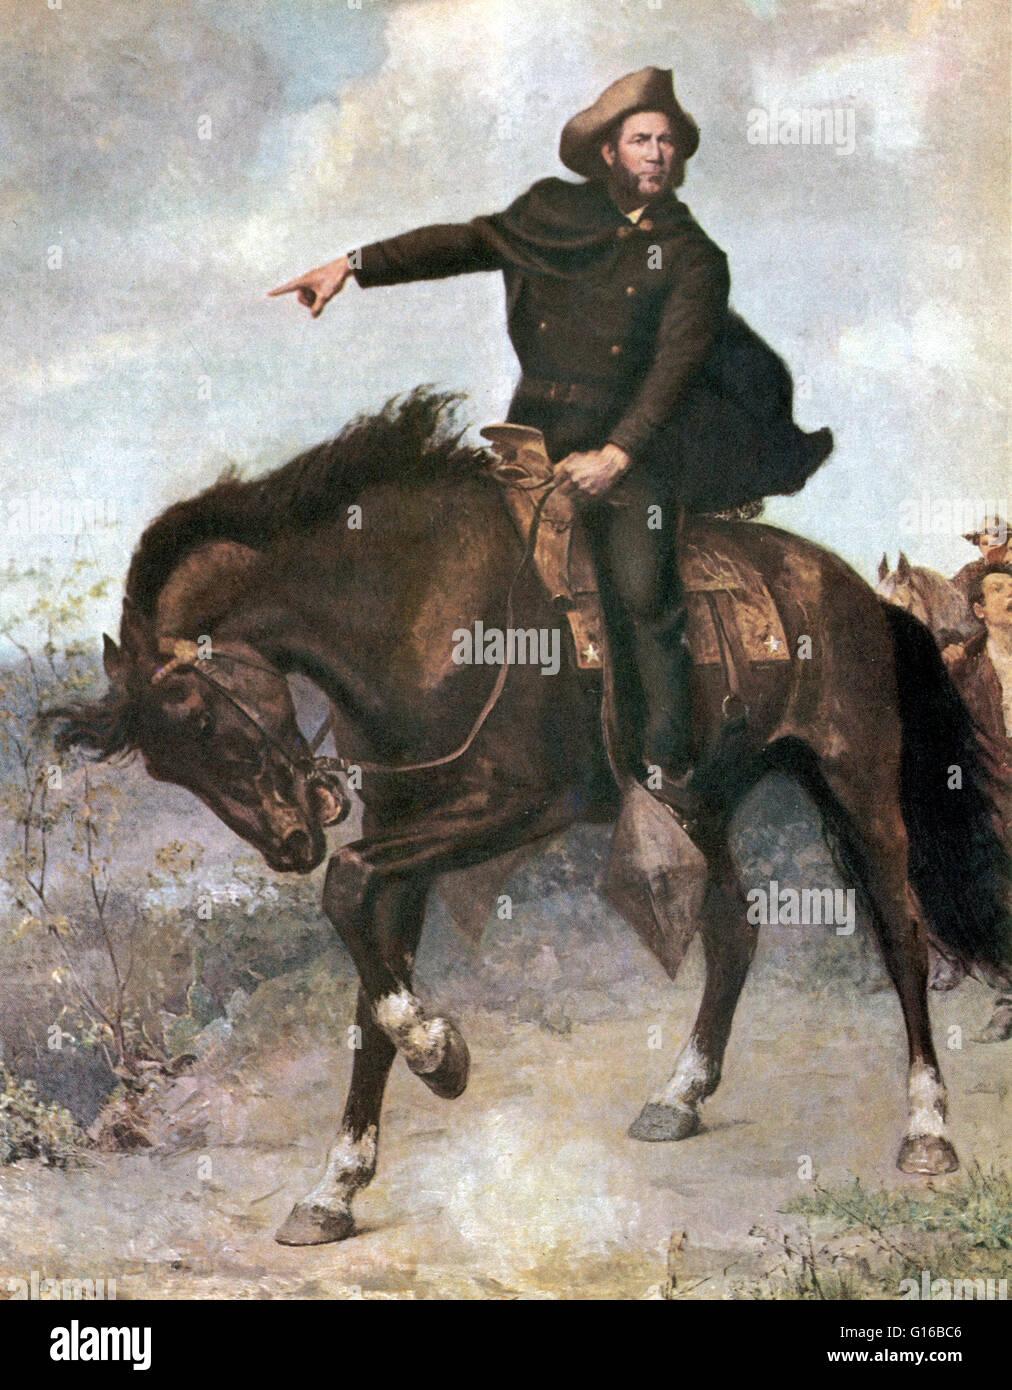 Le général Sam Houston à la bataille de San Jacinto en 1836, Peinture de S. Thomas Seymour. La bataille Photo Stock